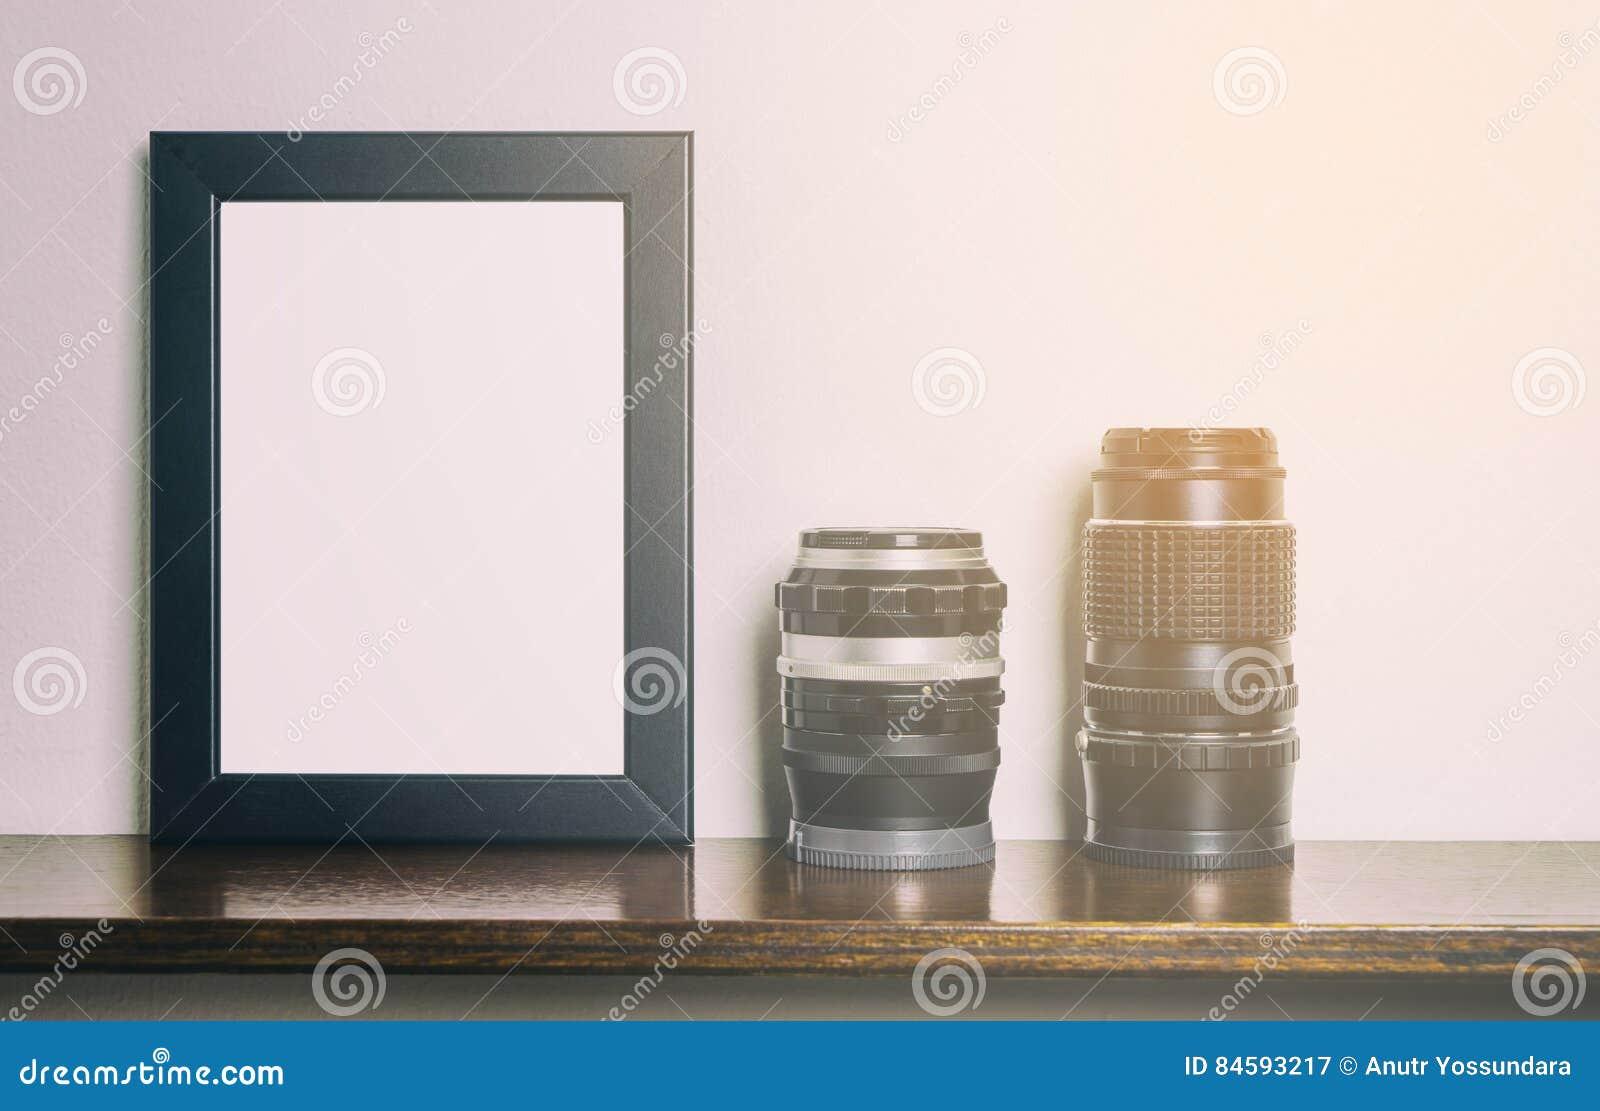 Starker leerer schwarzer Fotorahmen auf Regal